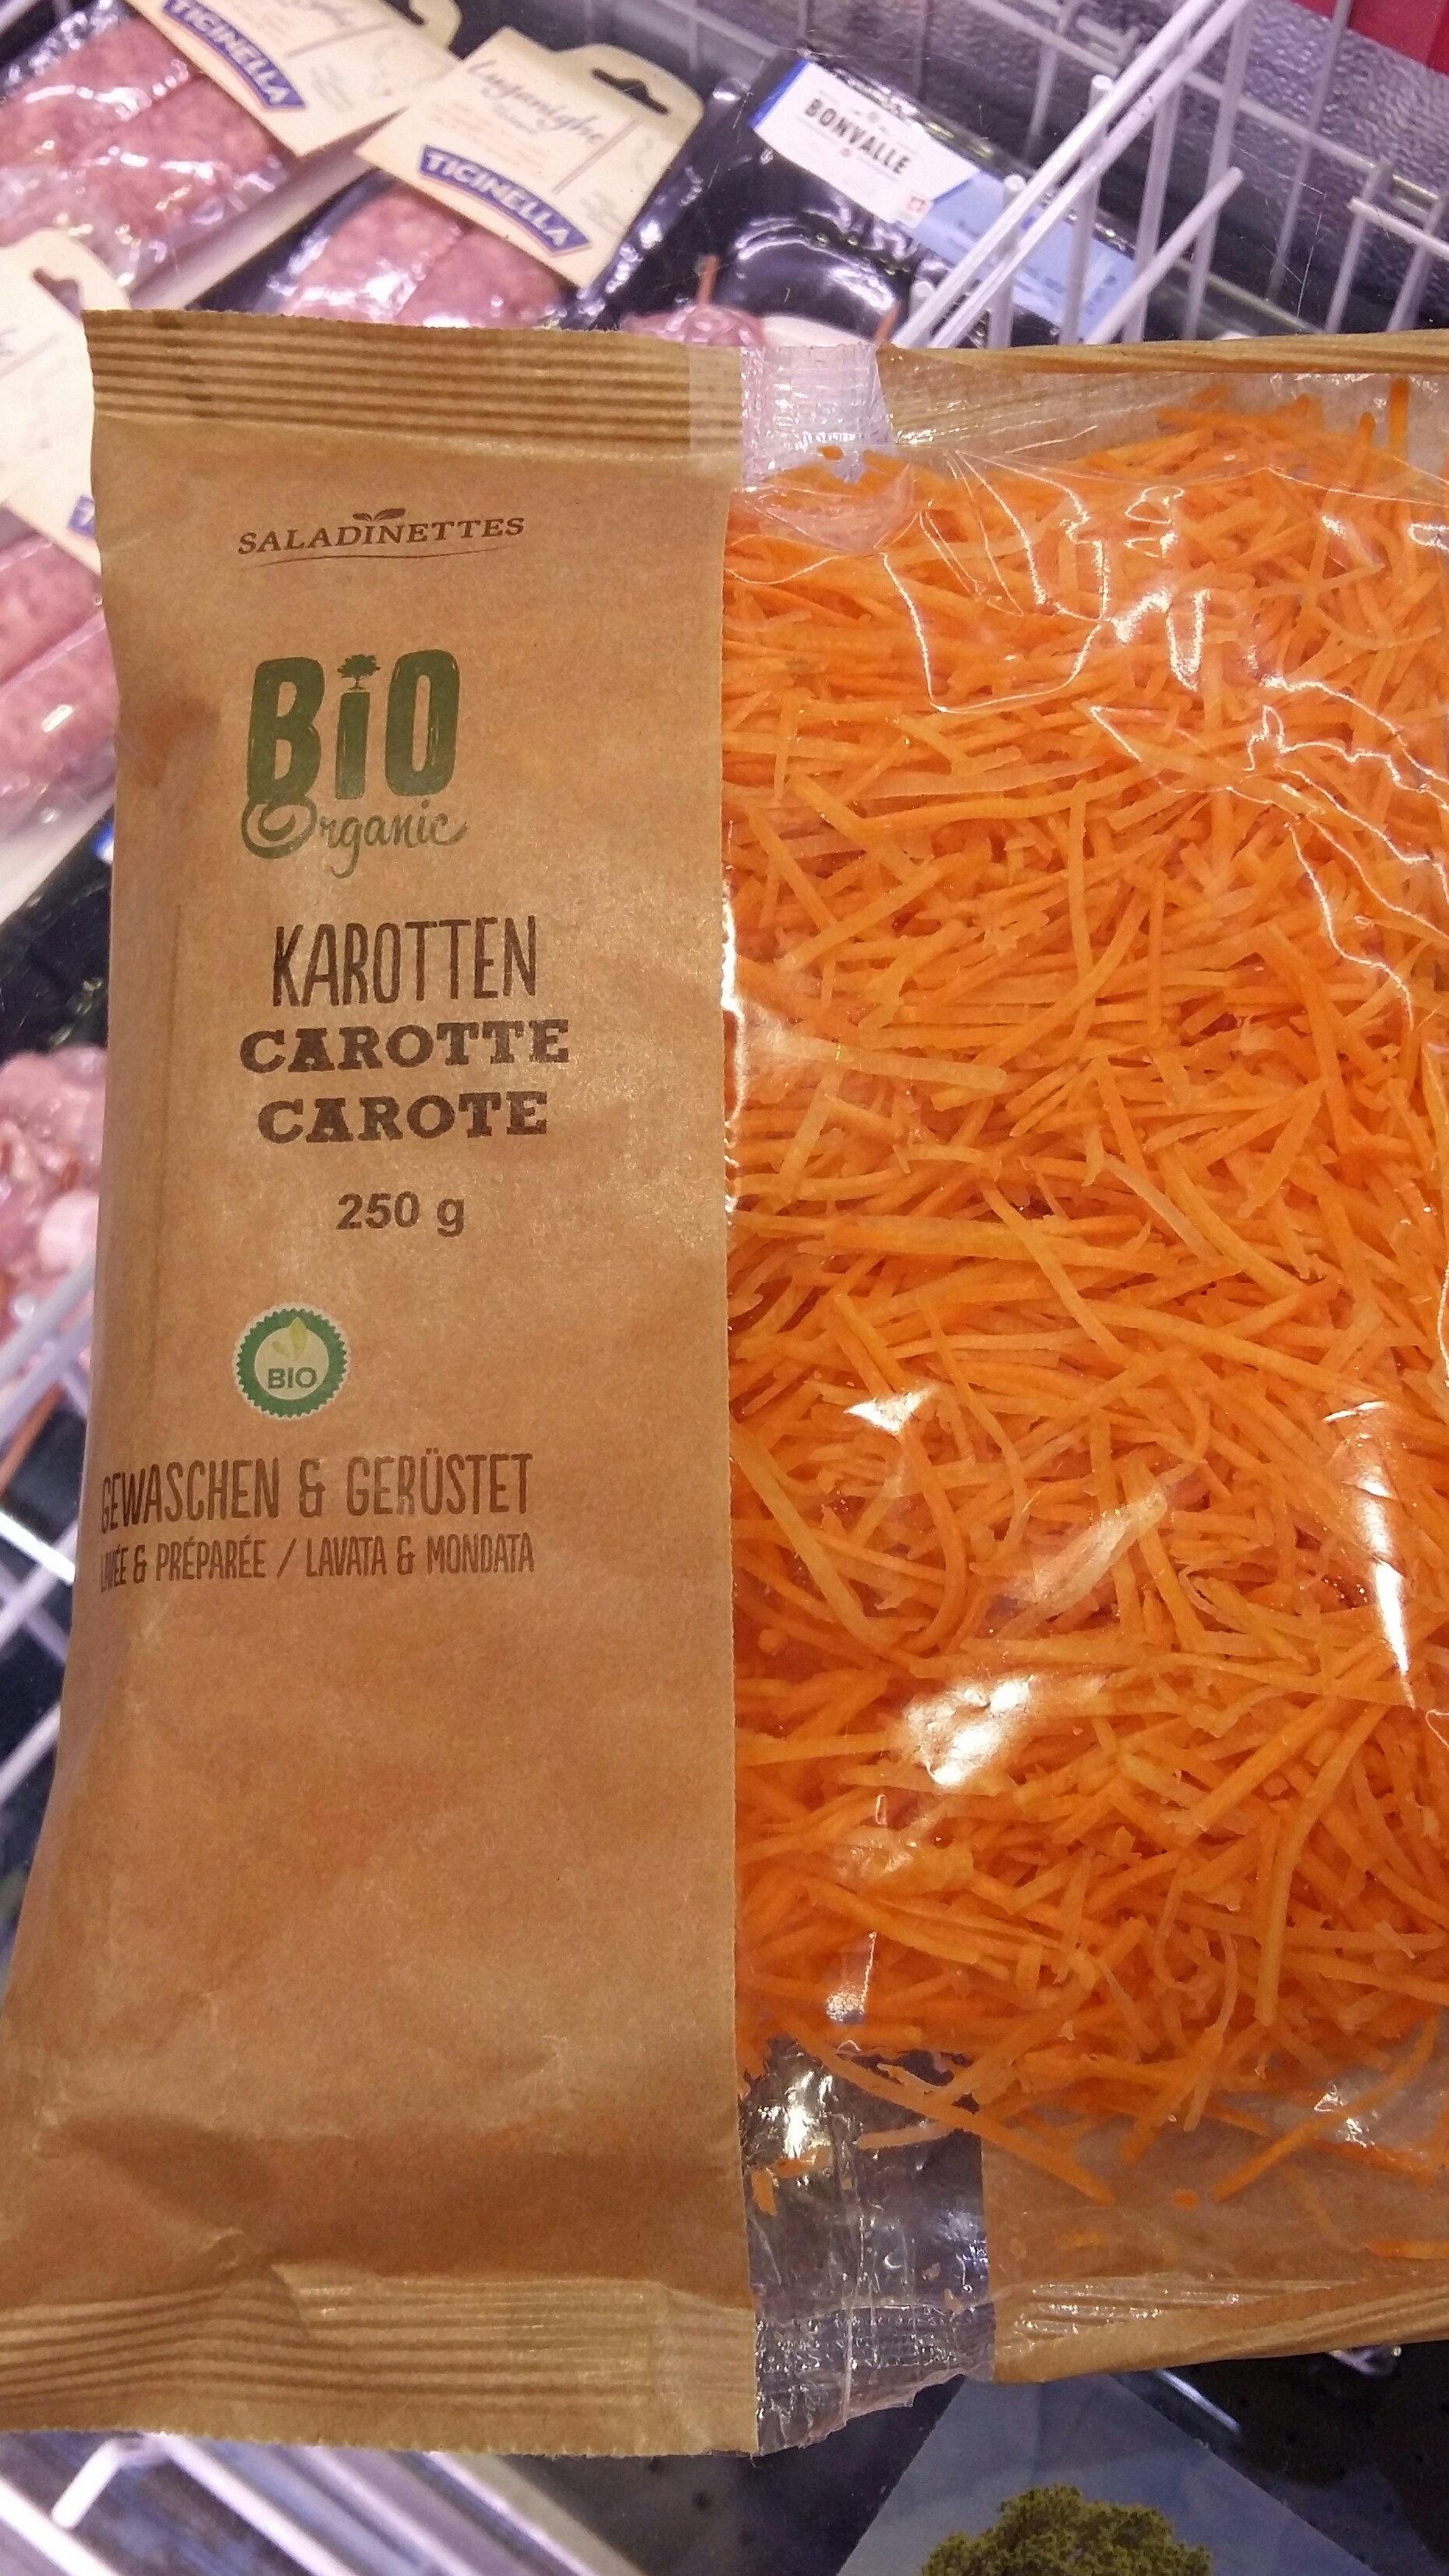 carottes bio - Ingrediënten - fr